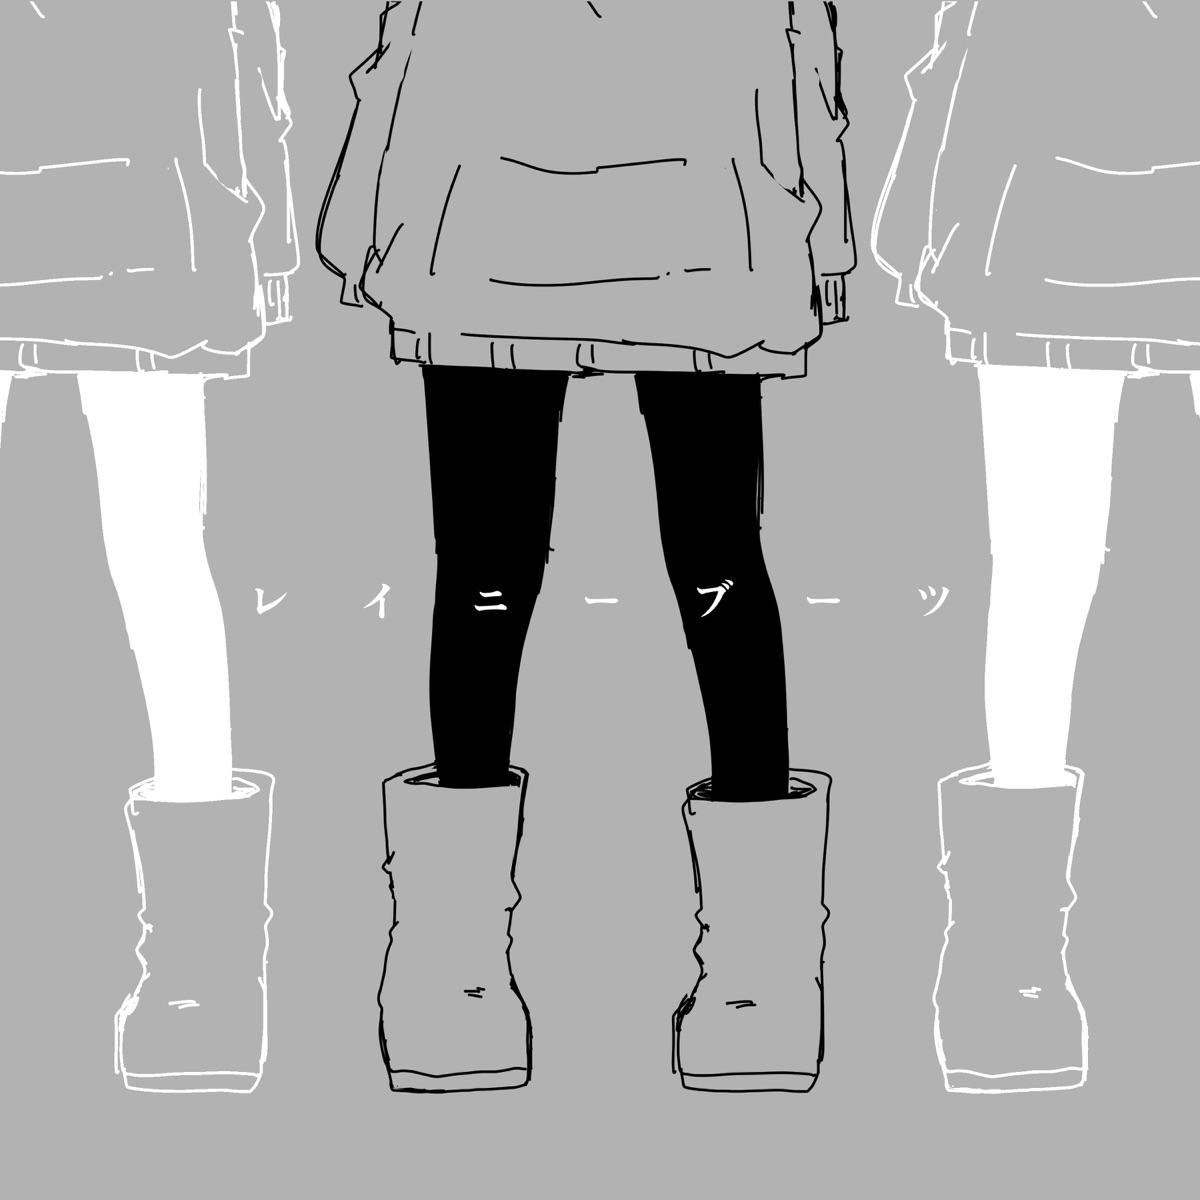 『稲葉曇 - レイニーブーツ』収録の『レイニーブーツ』ジャケット